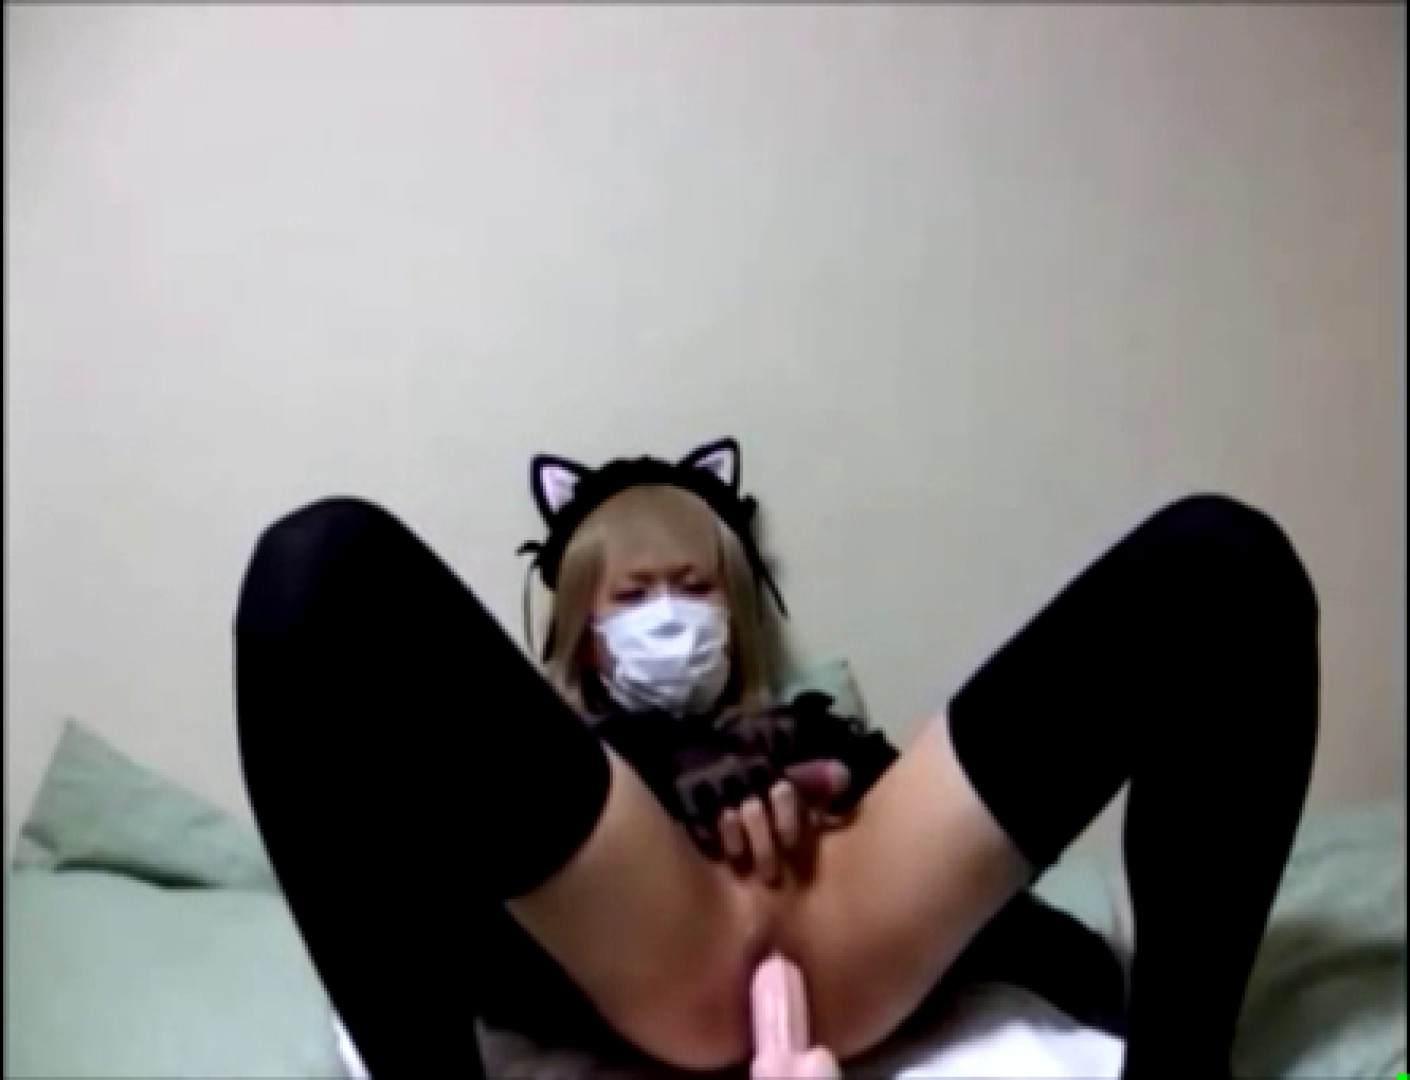 男のKOスプレー!Vol.12 オナニー ゲイヌード画像 105pic 84